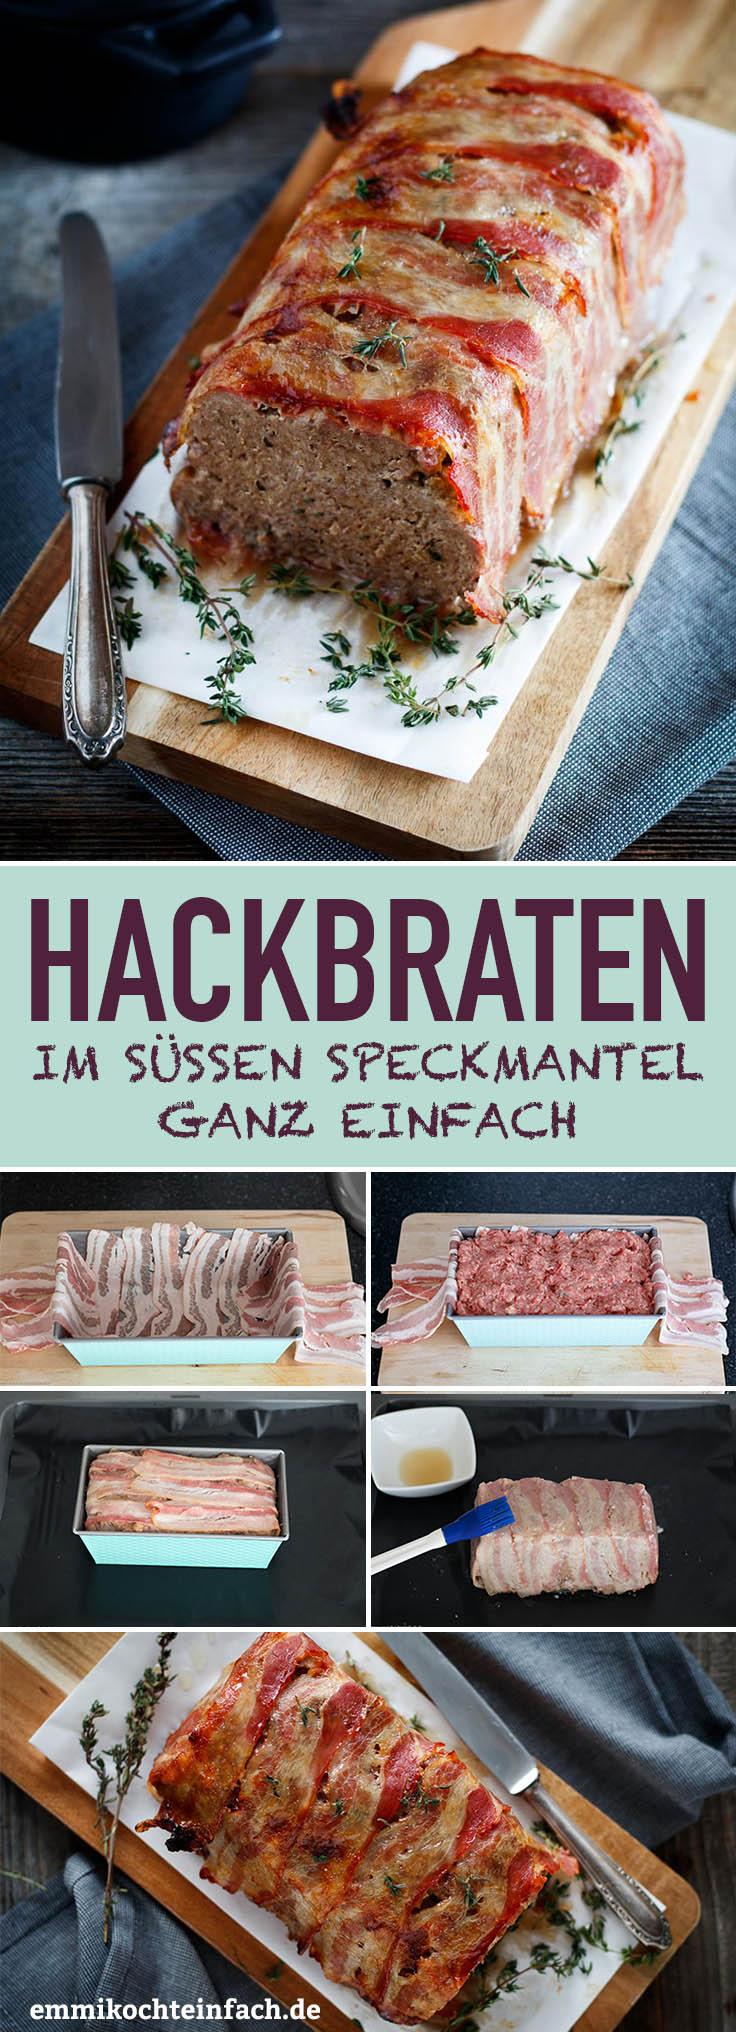 Hackbraten im süßen Speckmantel - www.emmikochteinfach.de